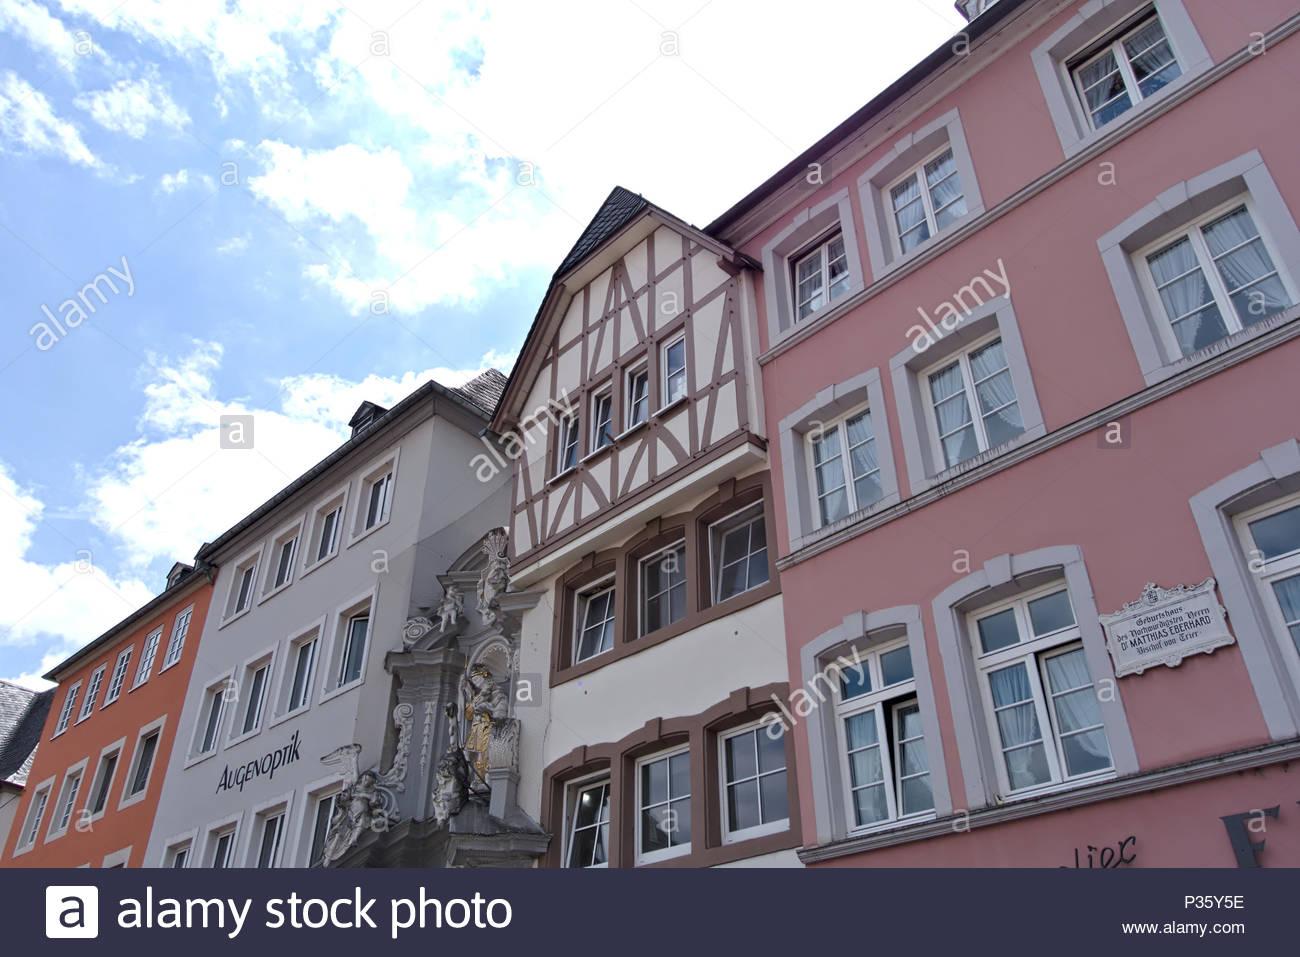 Die schönen Hauptmarkt in Trier, Deutschland. Der Markt mit Häusern aus der Zeit der Renaissance, Barock, Klassizismus und Historismus. Stockbild